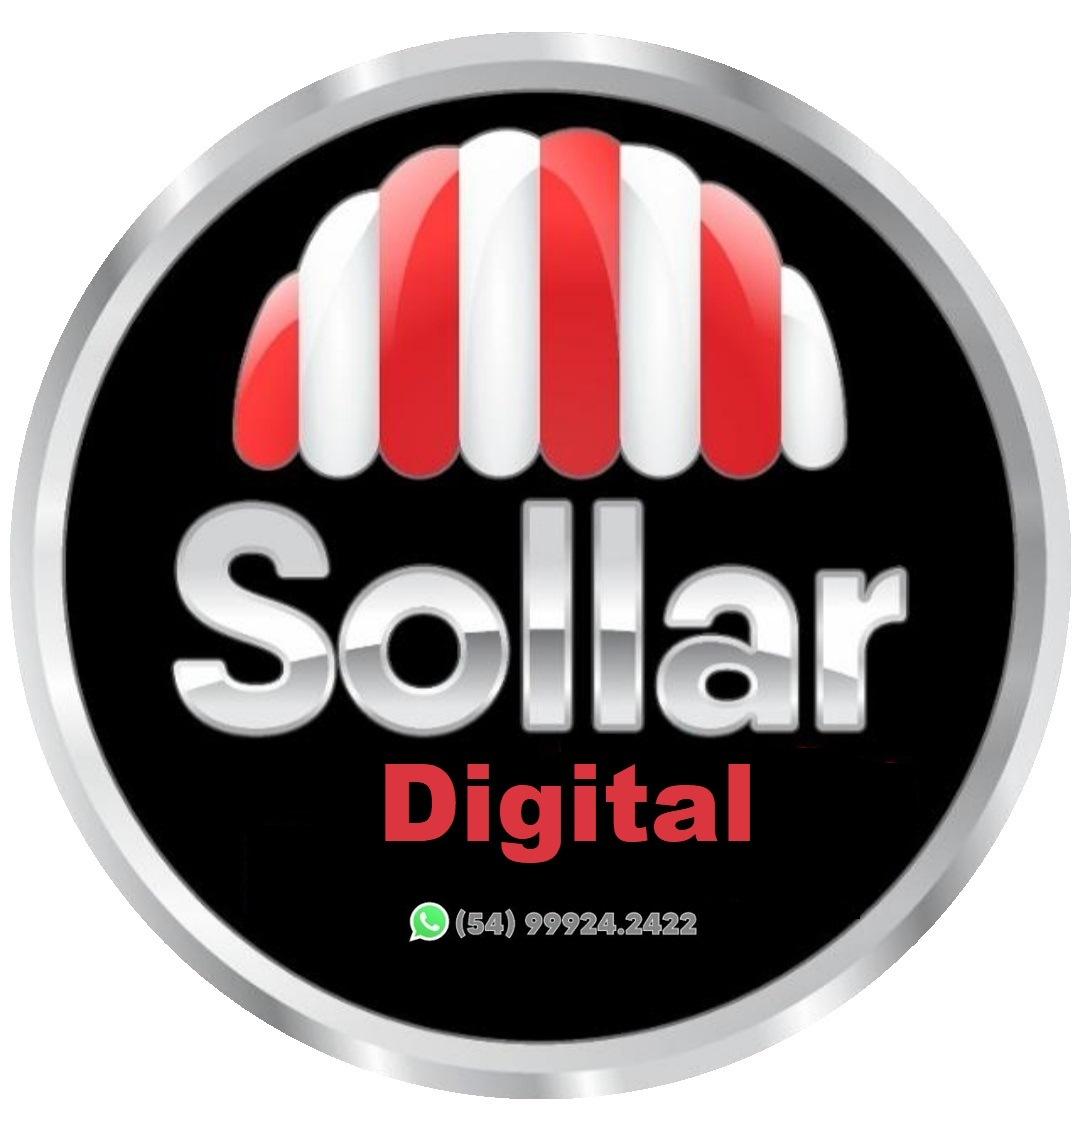 Sollar Digital Comunicação Visual - Whatsapp